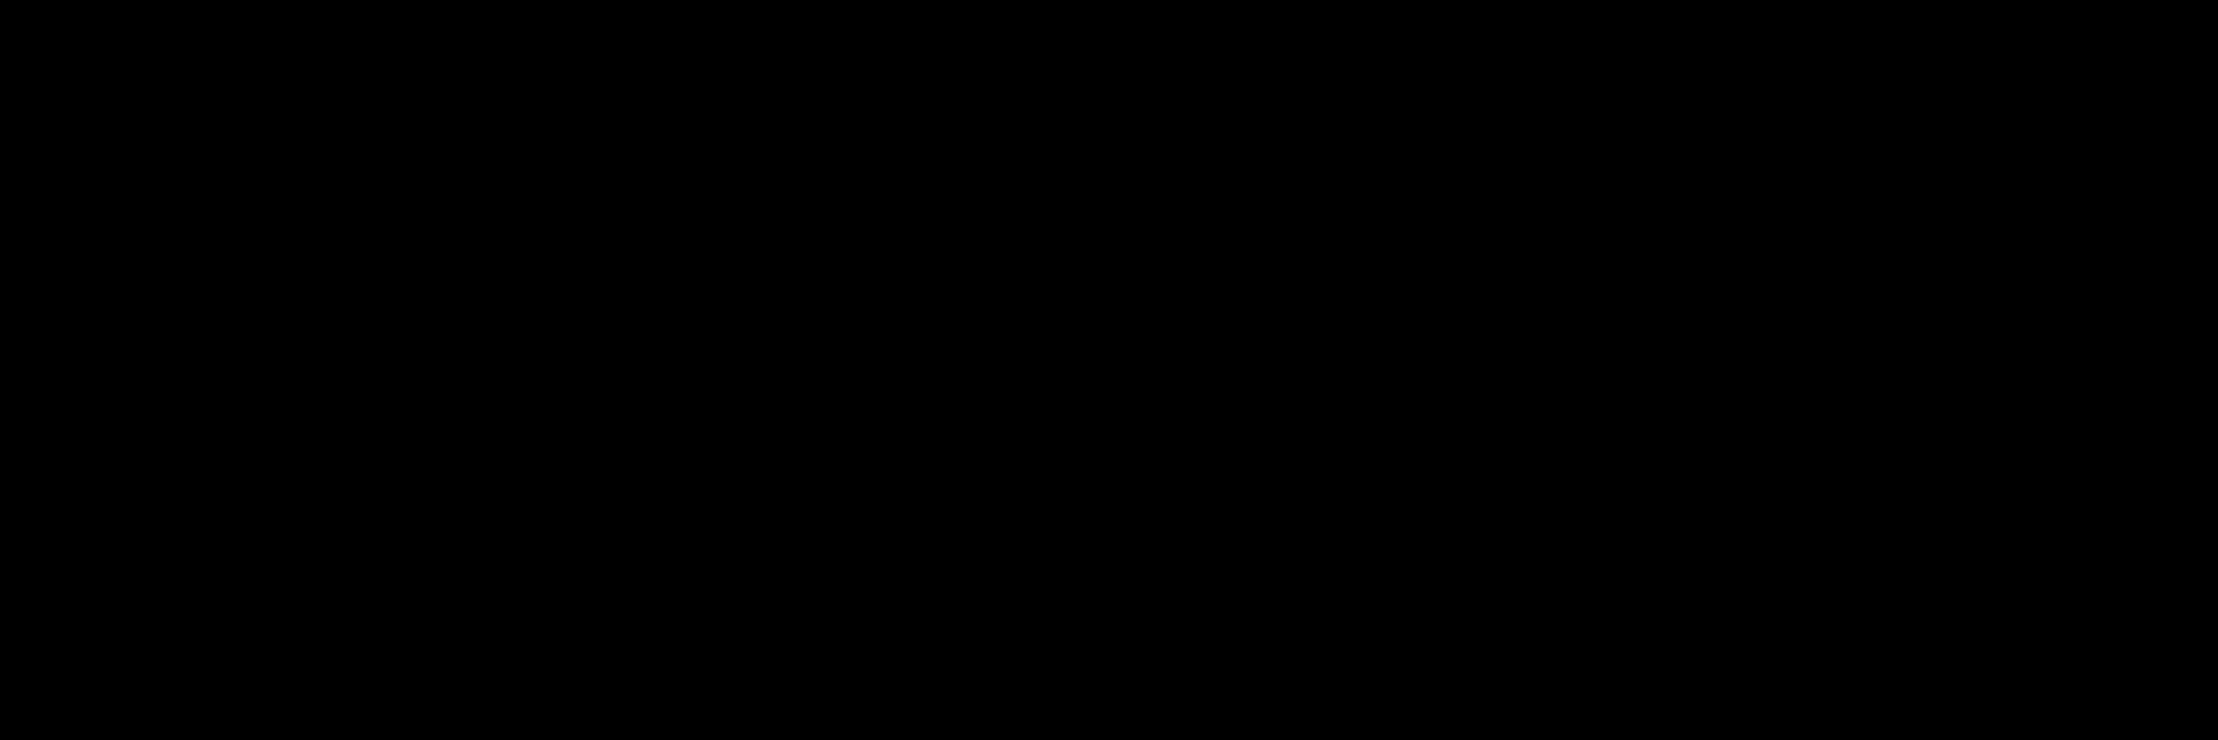 SO ARE WE - インポートブランドのデザインコンセプトストア